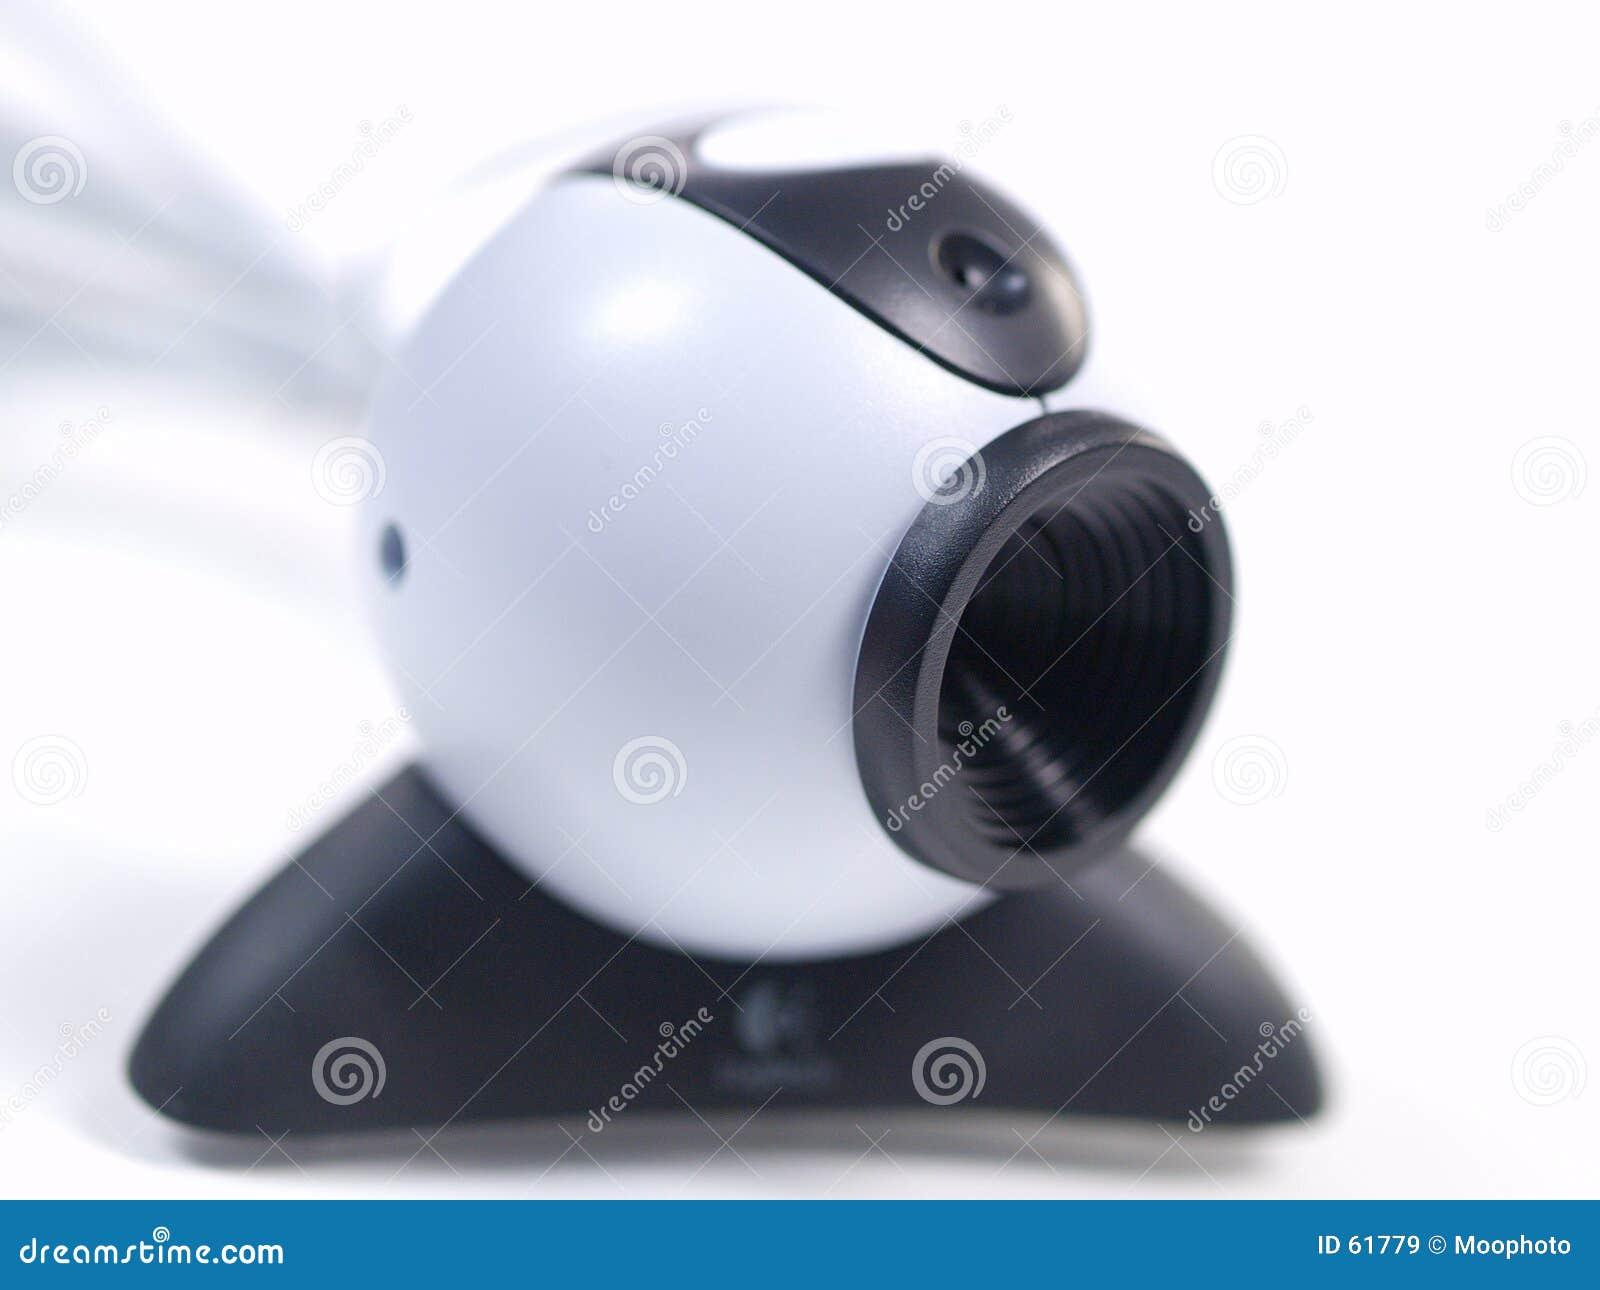 Standaard Webcam